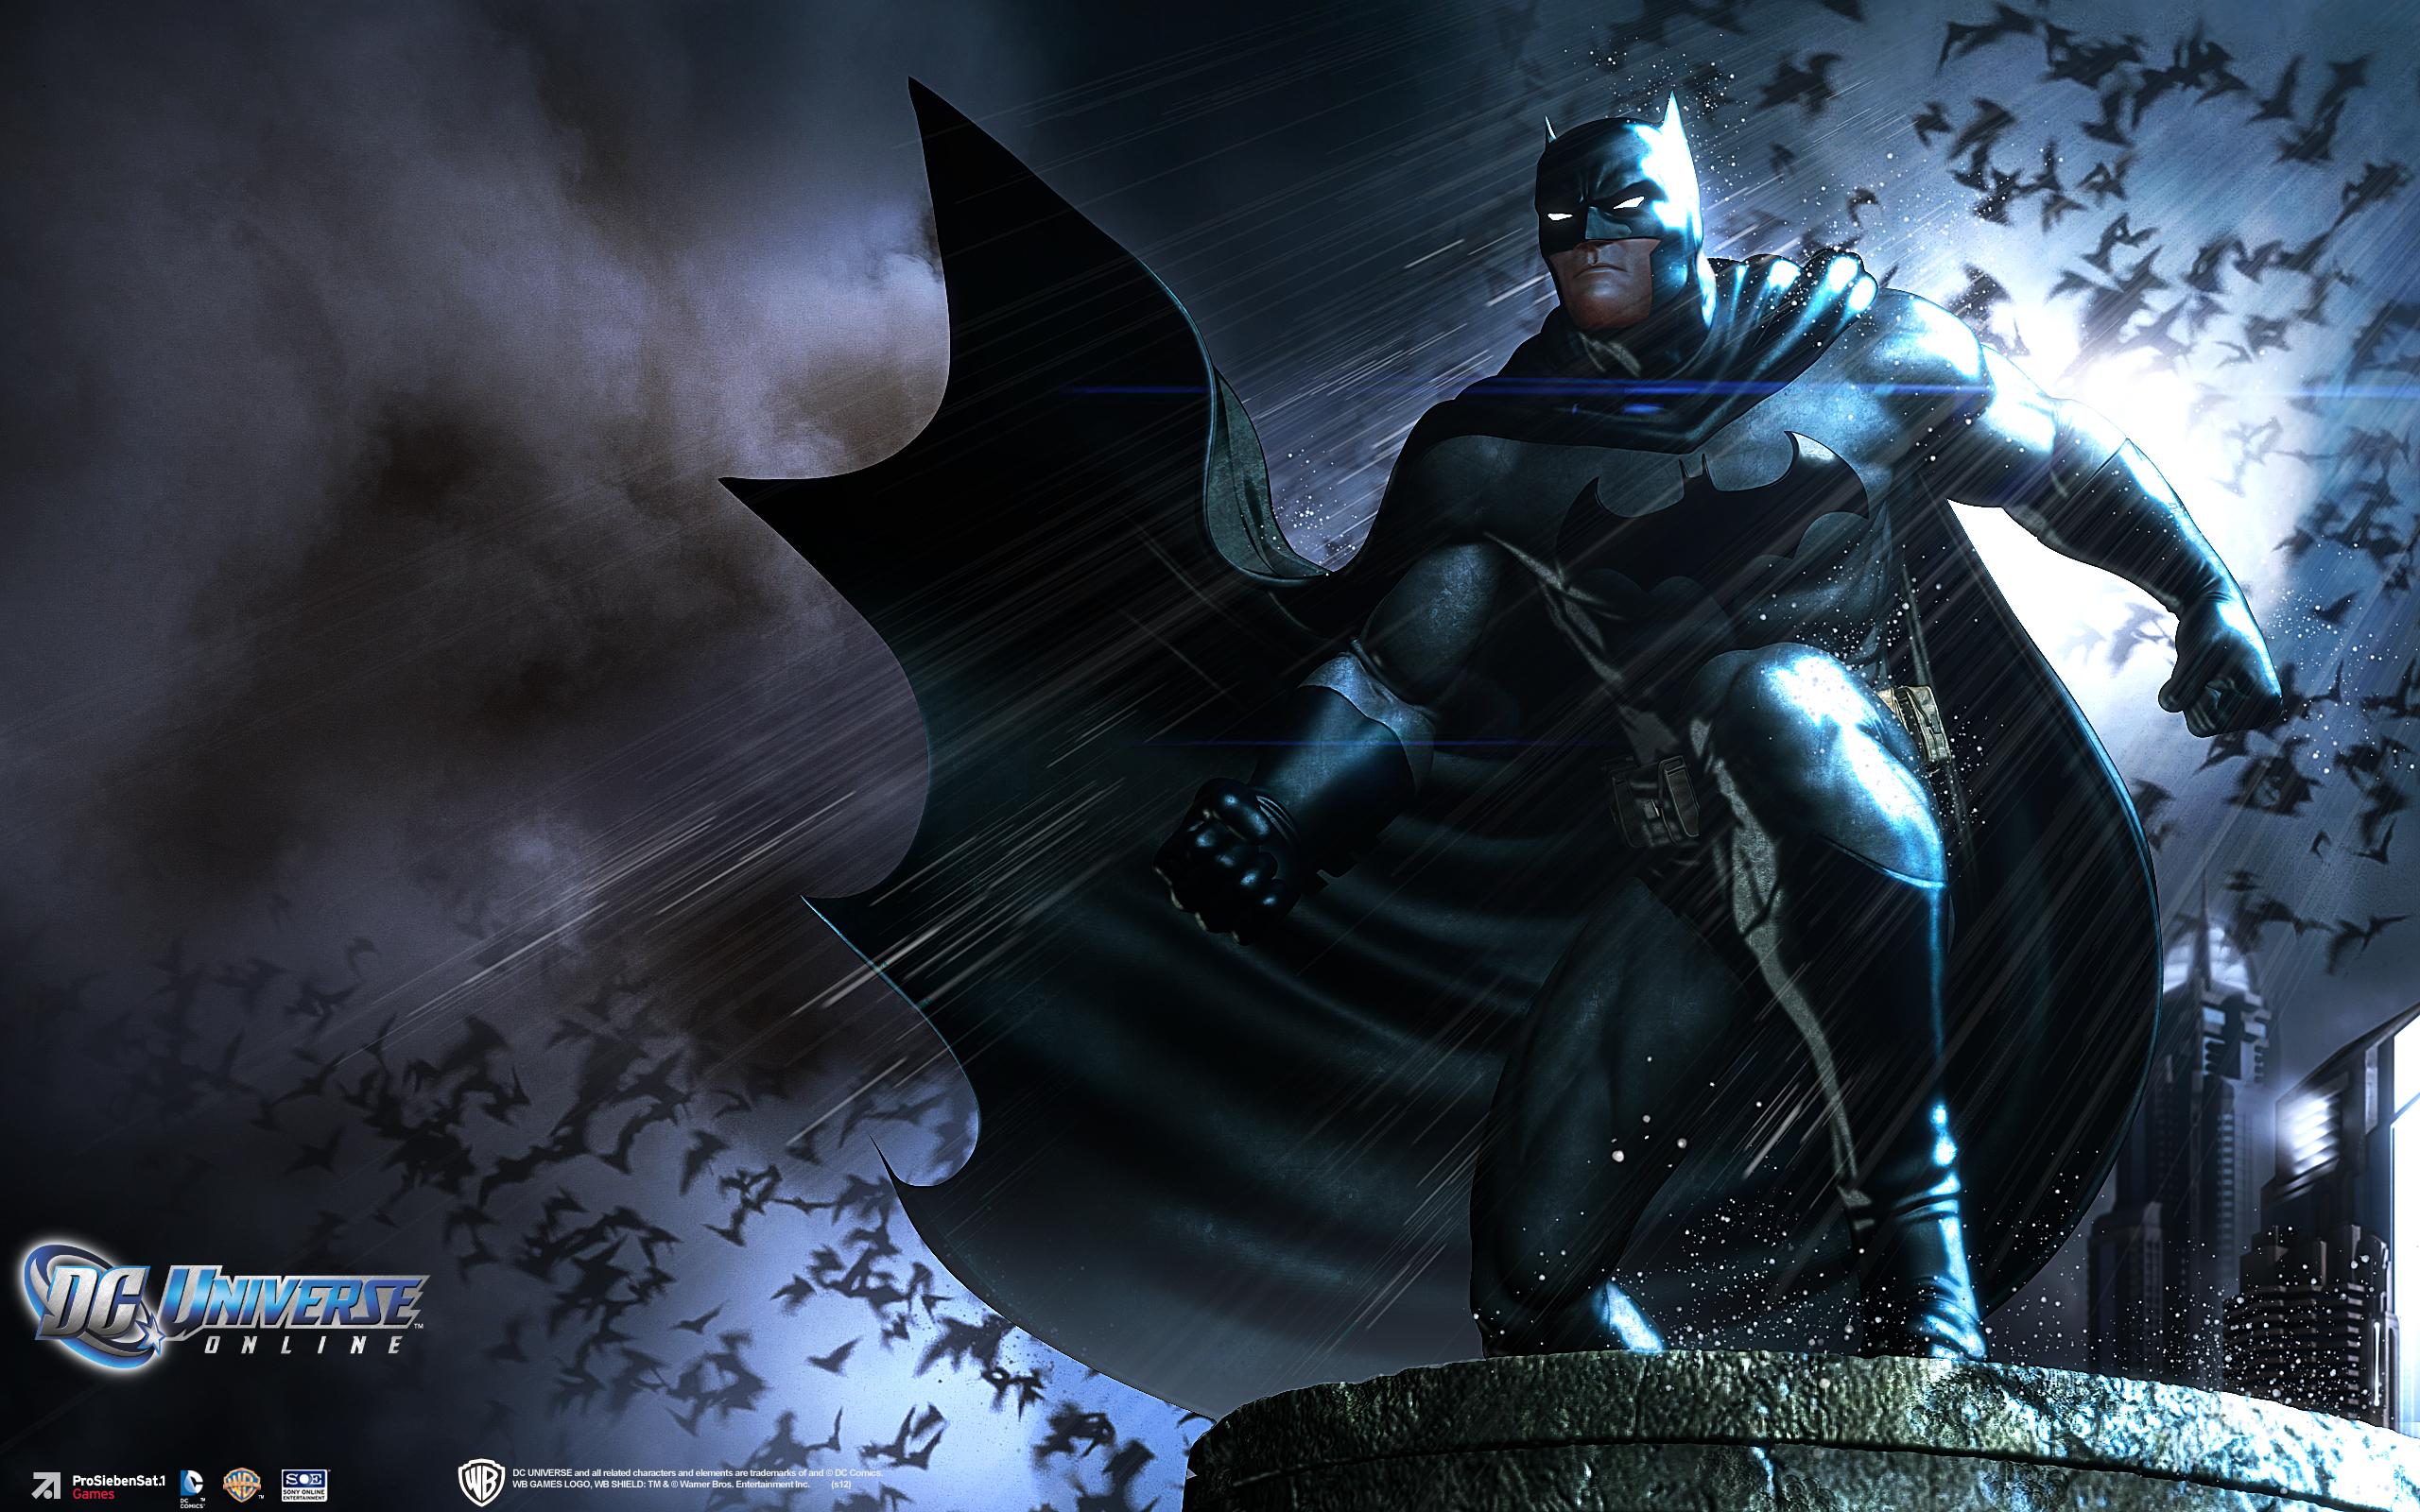 dc universe online d c superhero comics batman d wallpaper